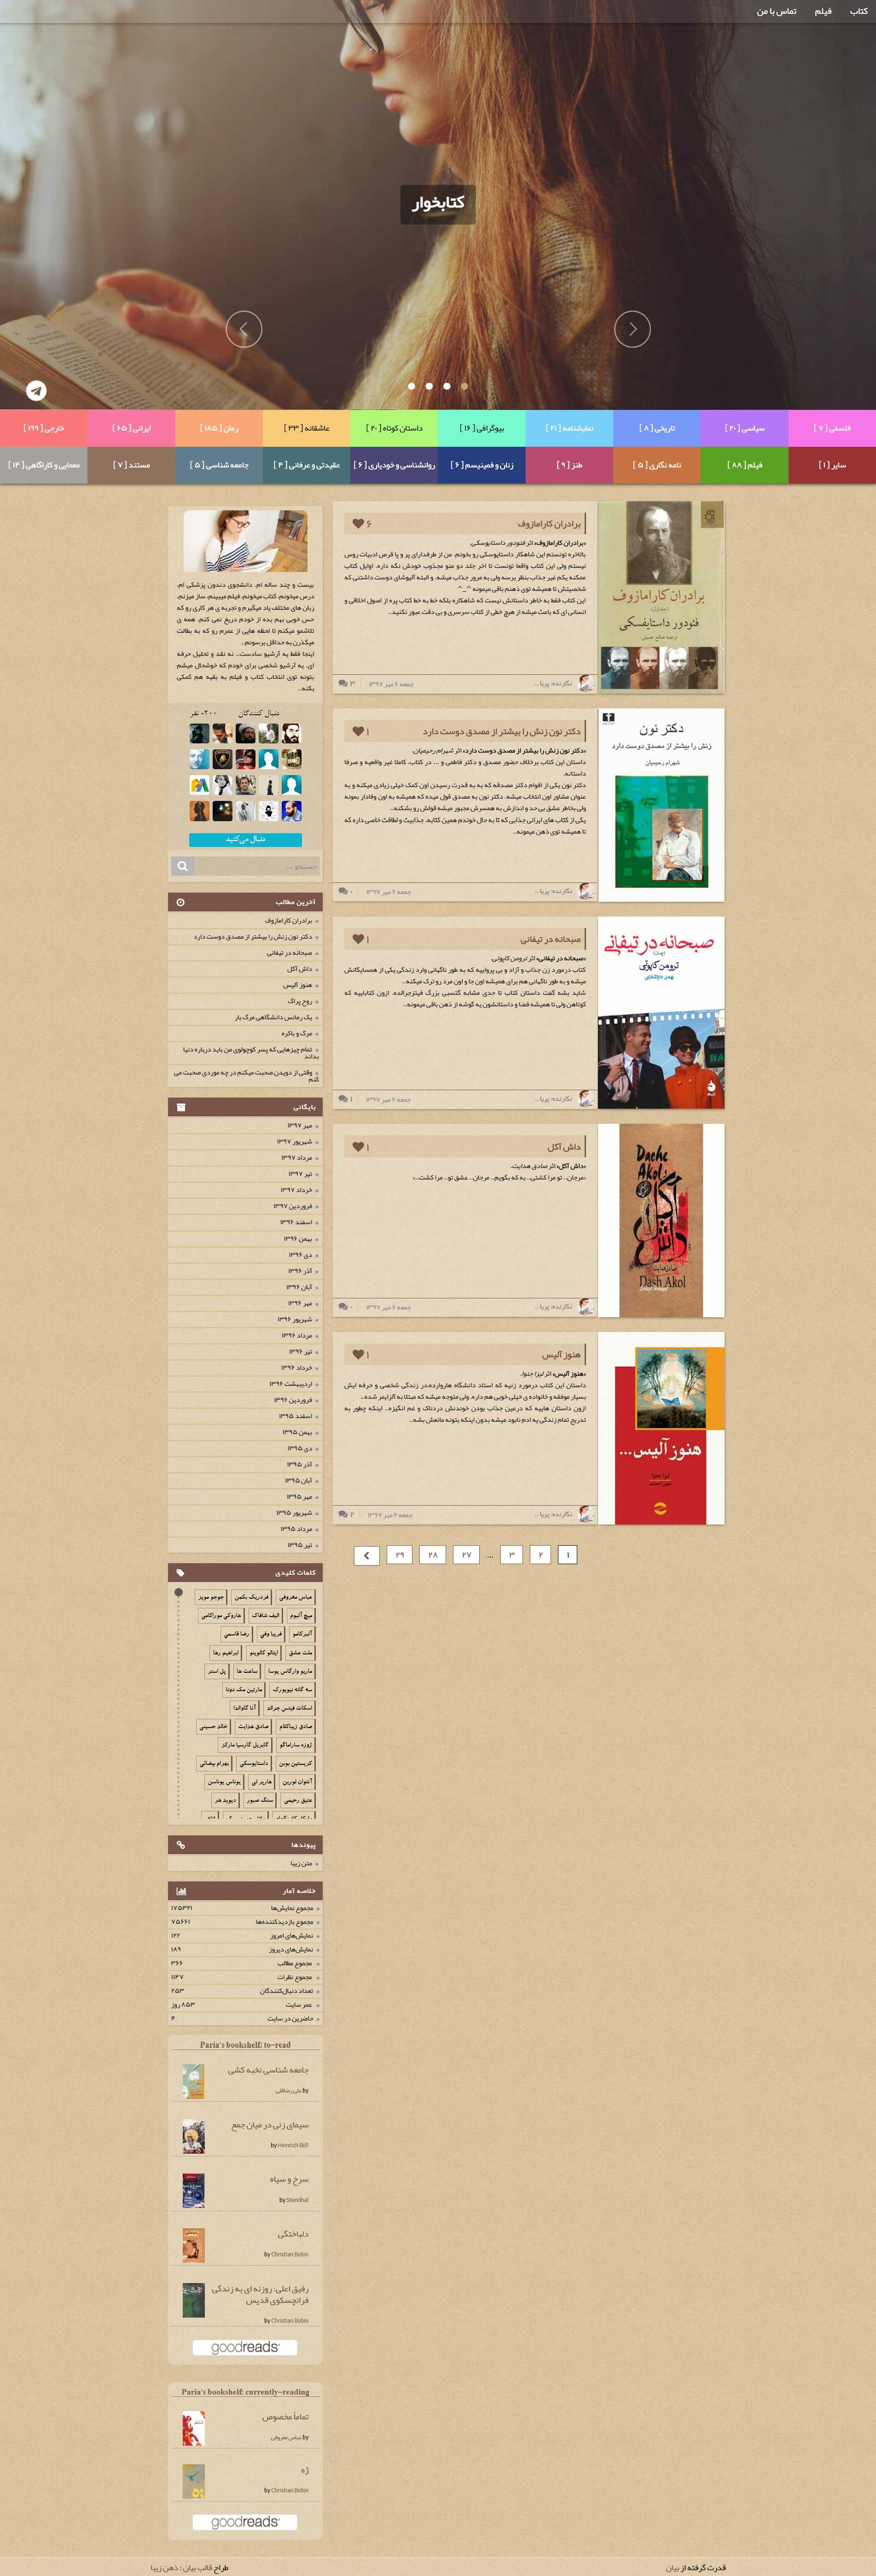 طراحی سایت کتابخانه زیبا